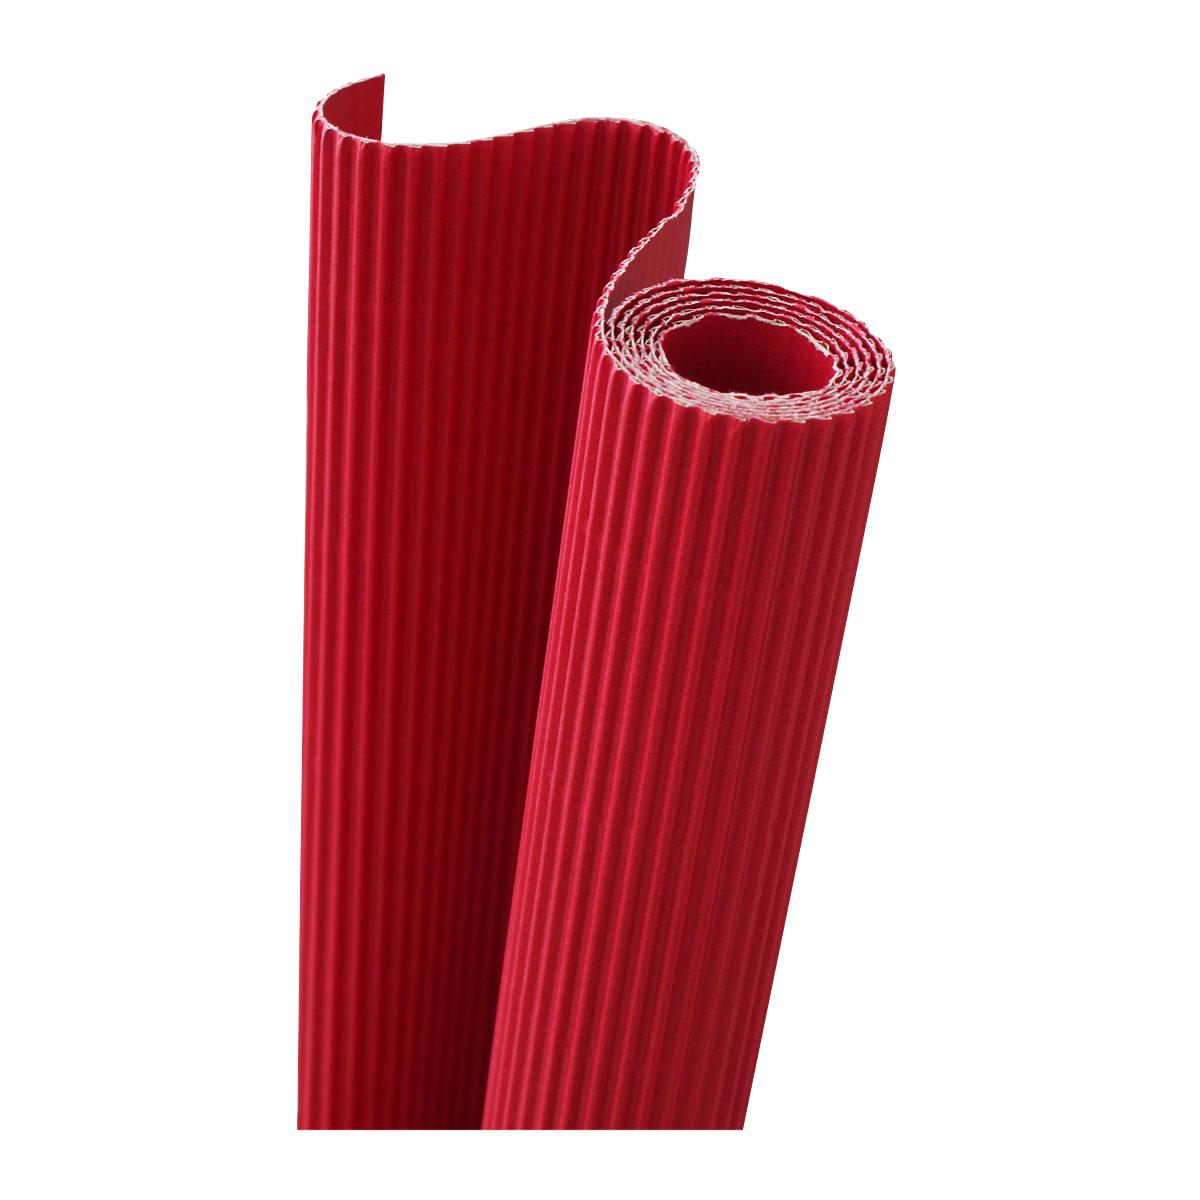 Картон гофрированный Folia, цвет: красный, 50 х 70 см72523WDДвухслойный гофрированный картон Folia в основном применяется длядекорирования. Он состоит из одного слояплоского картона и слоя бумаги, имеющую волнообразную (гофрированную) форму.Отличается малым весом и высокими физическими параметрами.Применение: для дизайнерских и оформительских работ, для декоративногодетского творчества. Также такой материал хорошо зарекомендовал себя вкачестве упаковочного материала.